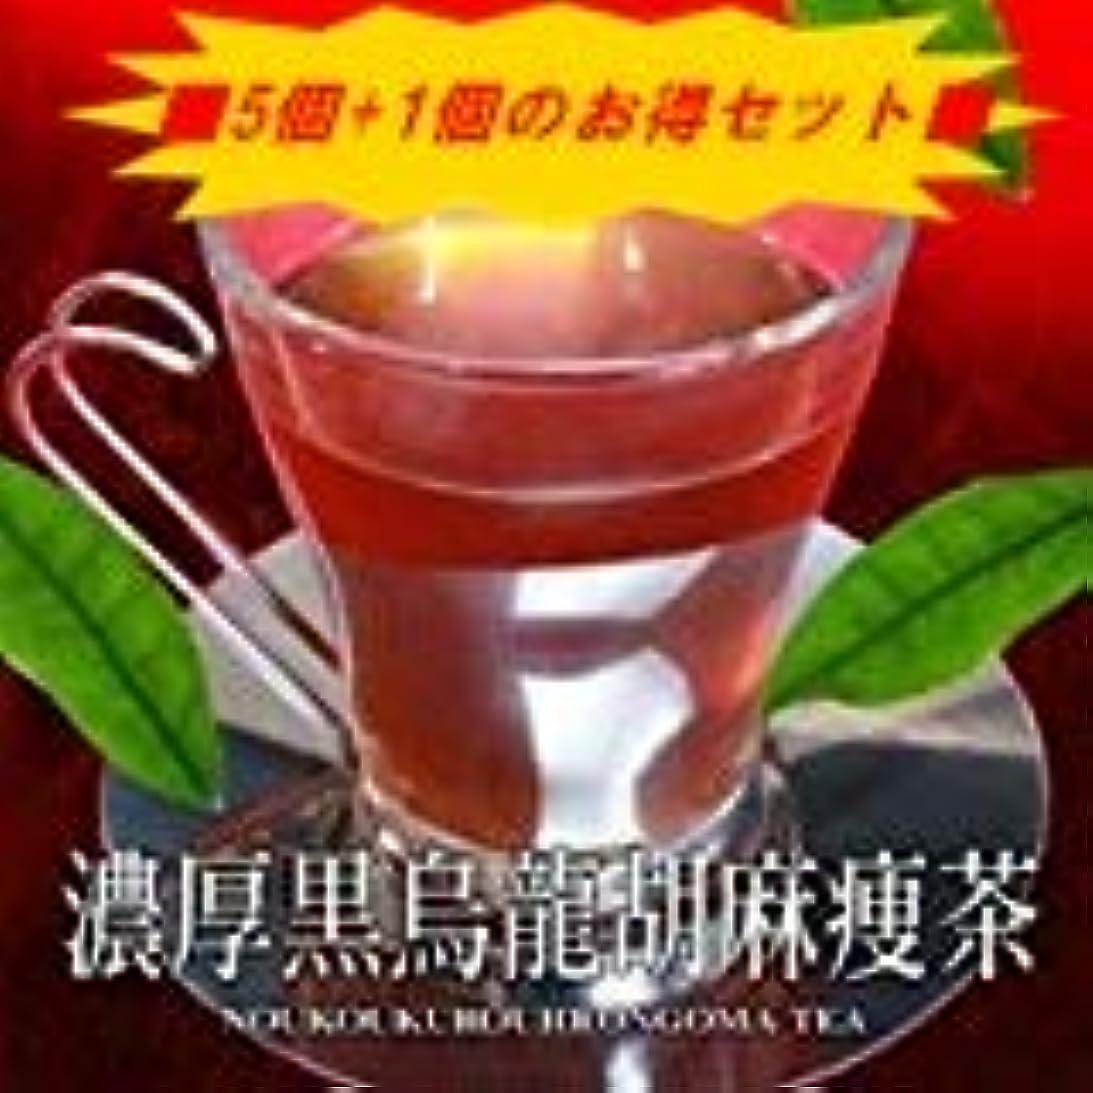 ディベート誘導シンプルさ濃厚黒烏龍胡麻痩茶×5個セット+1個おまけ付き?  ごま ゴマ 麦 茶 ウーロン